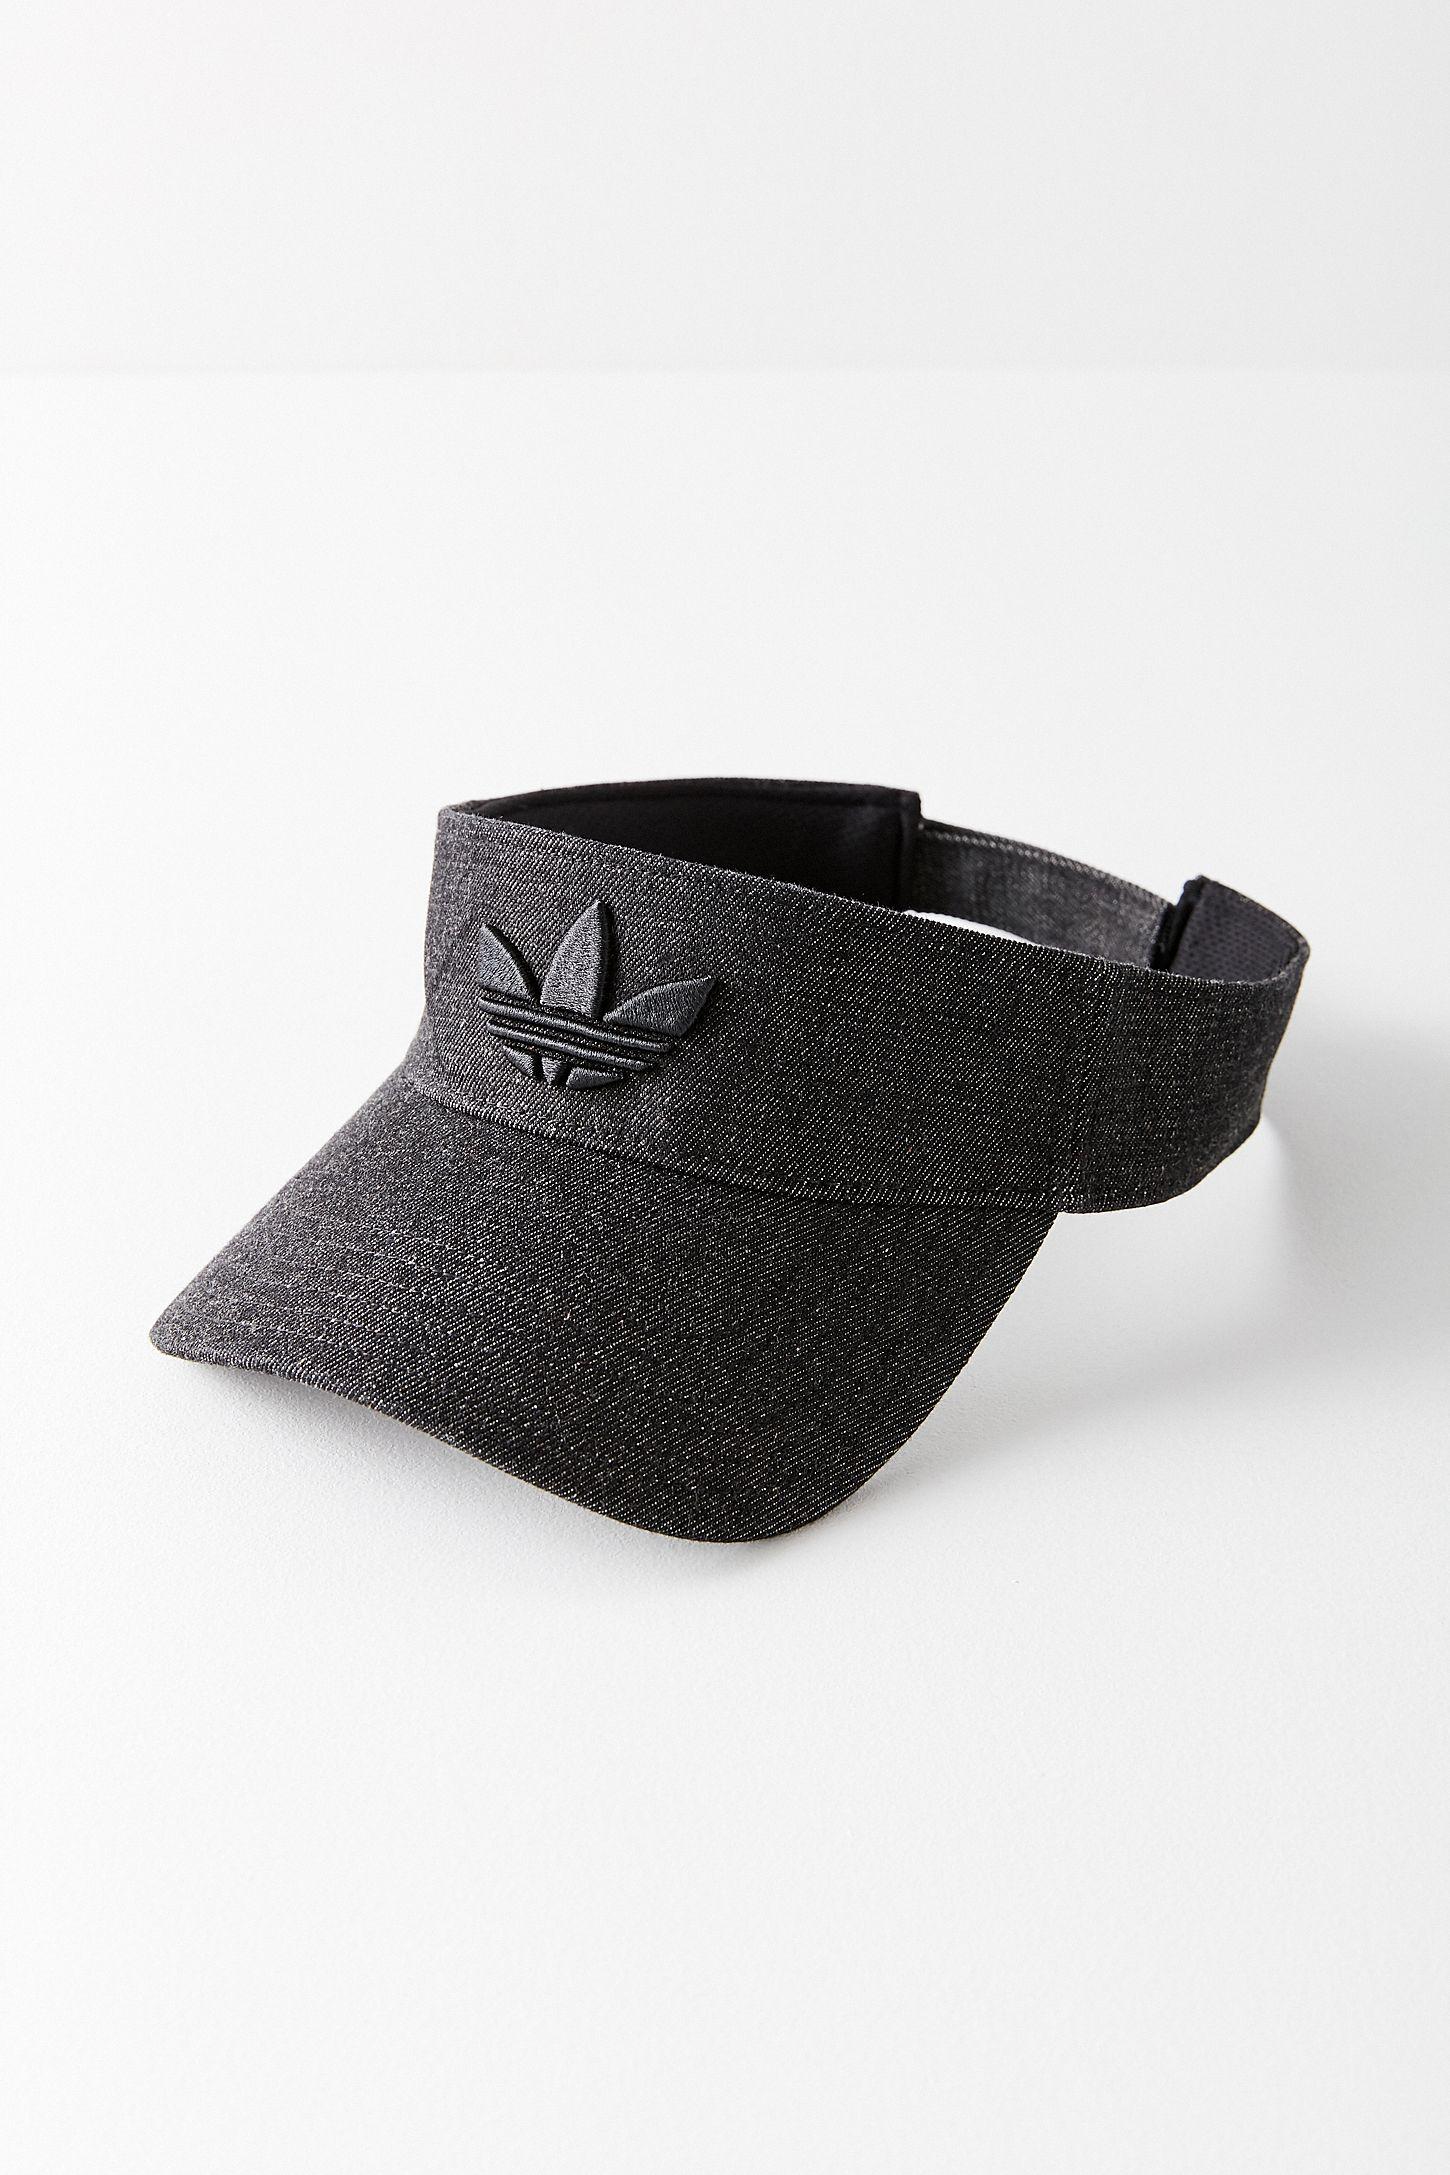 7fe71c3ad52bc adidas Originals Black Trefoil Visor